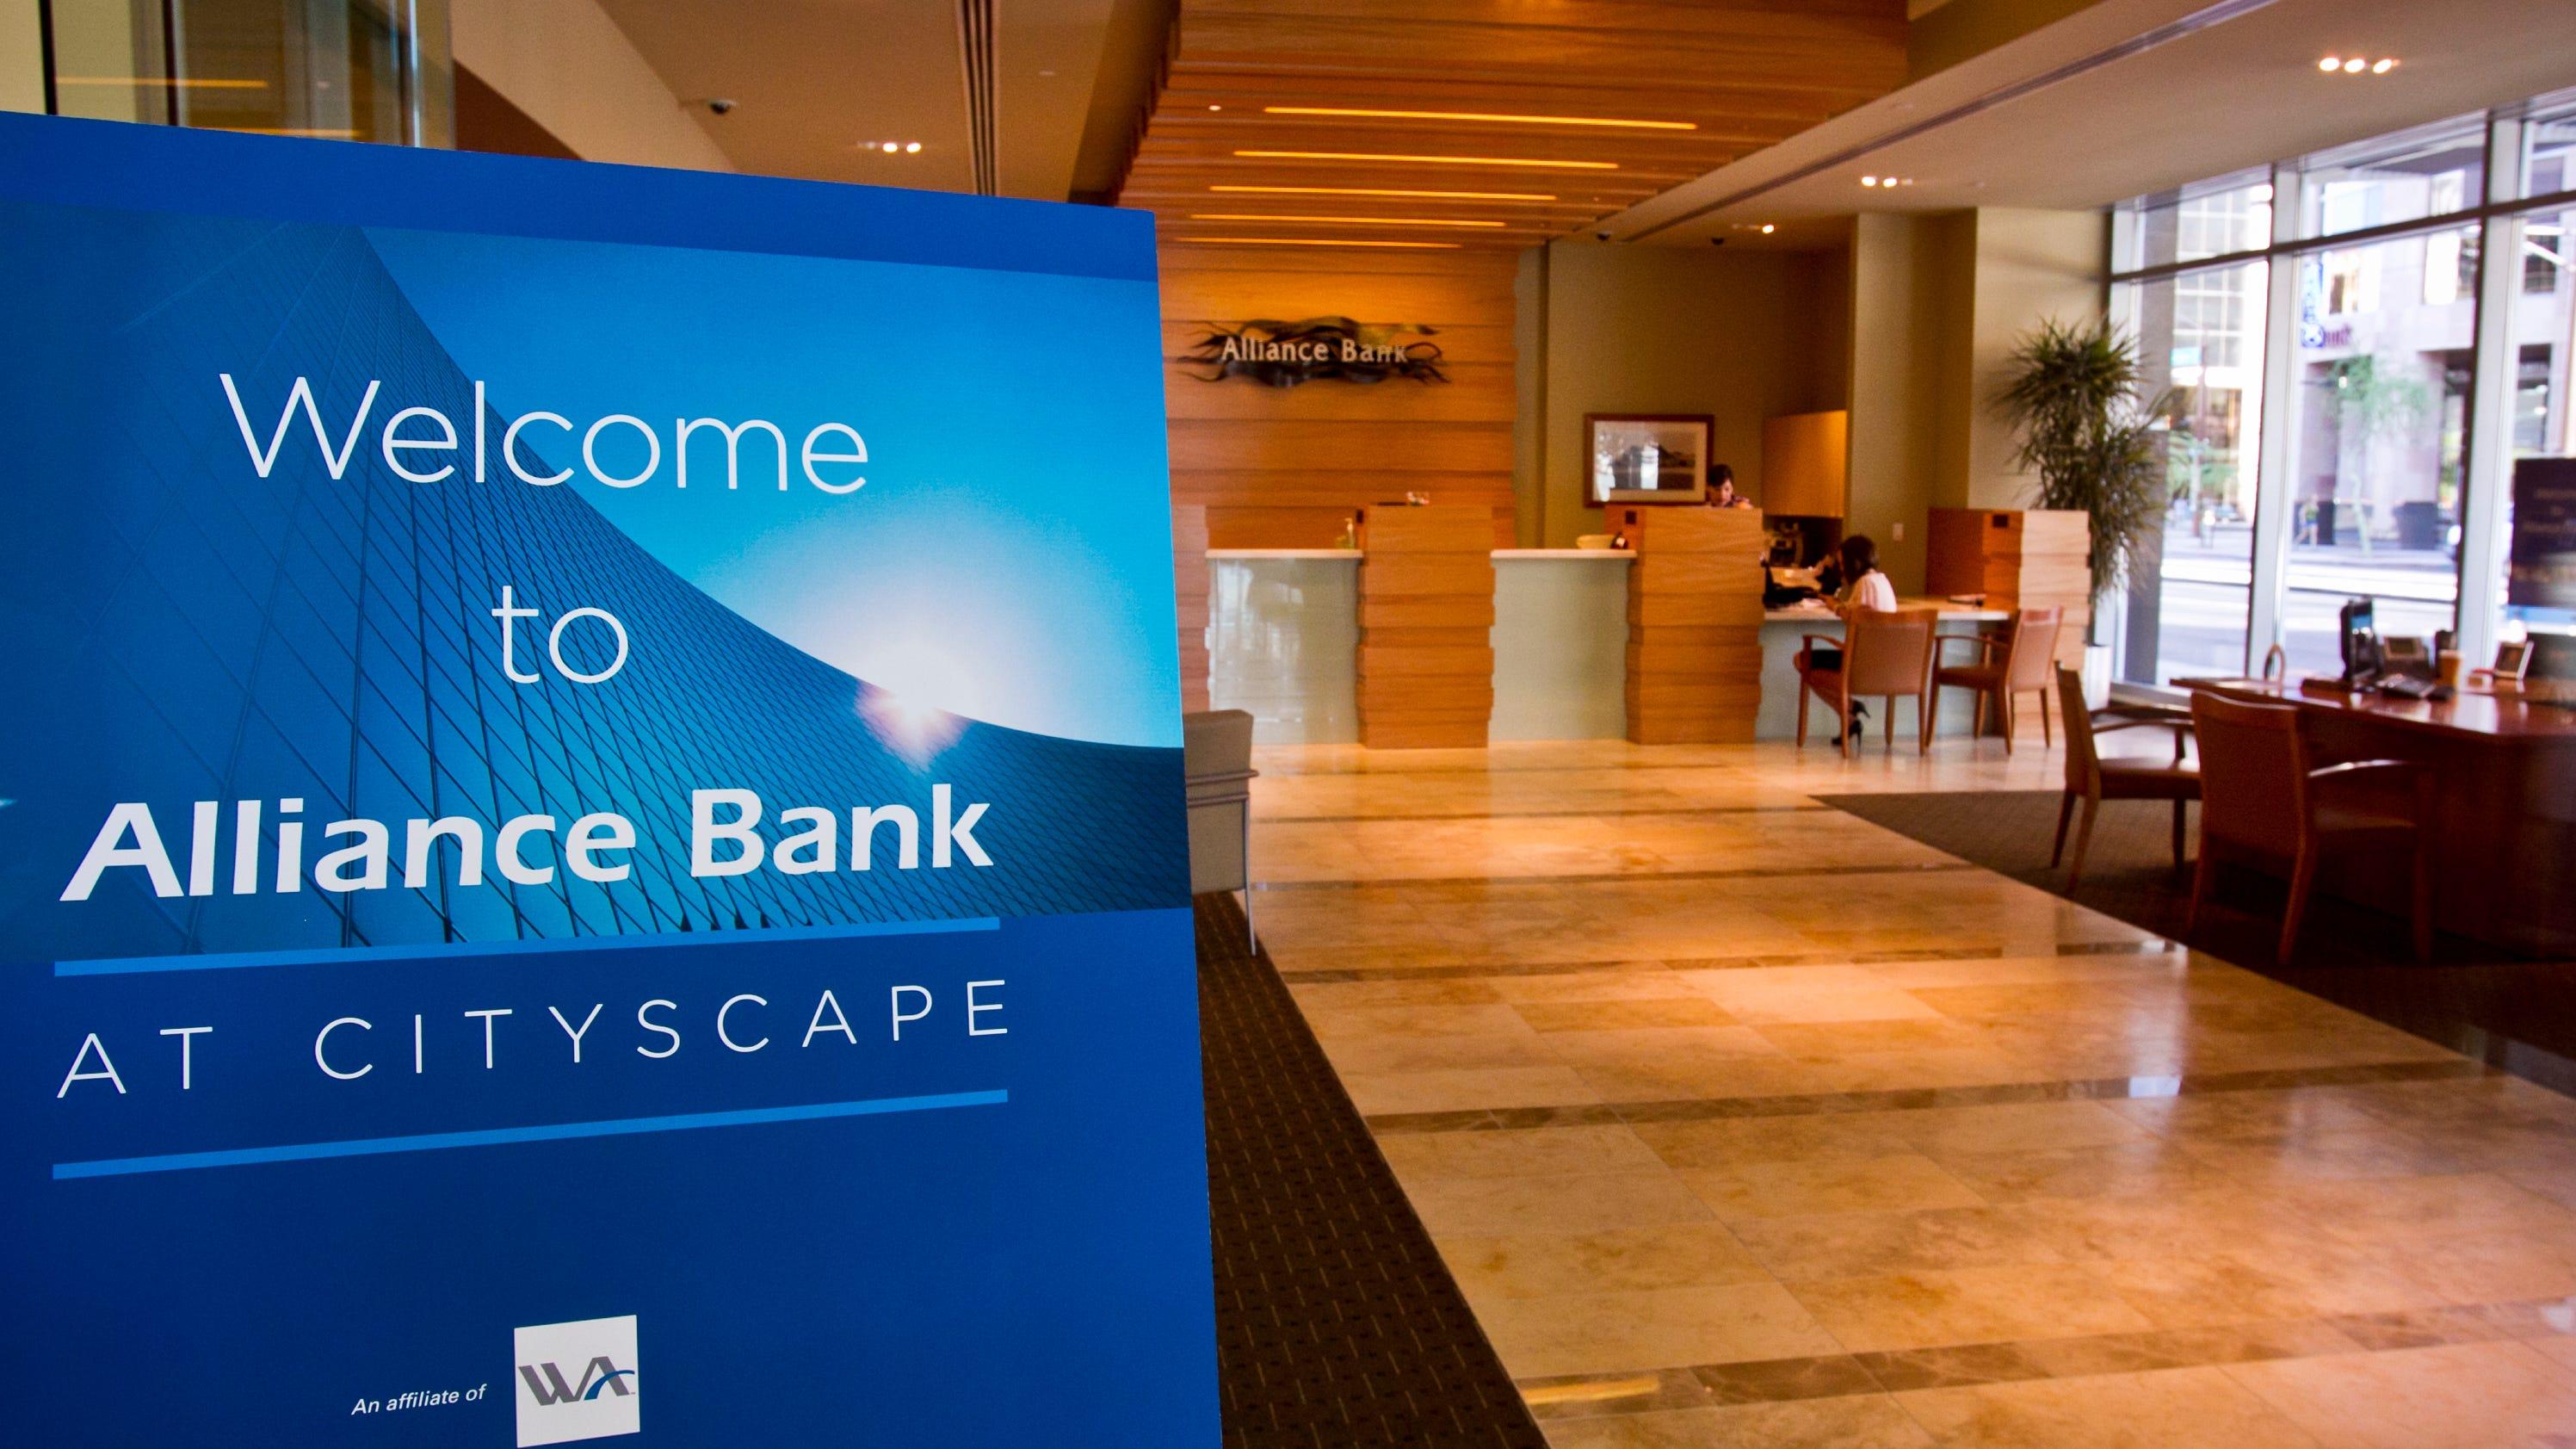 Torrey pines bank oakland ca - Torrey Pines Bank Oakland Ca 1